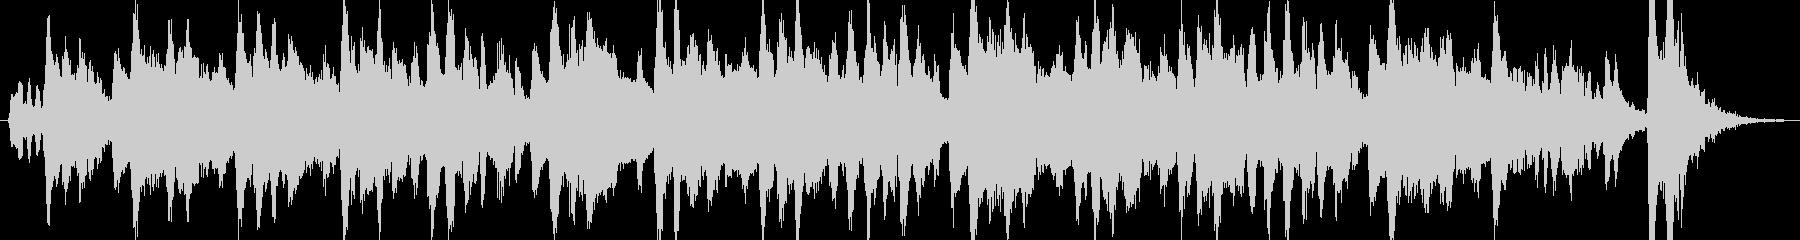 生フルートとクラリネットの可愛いワルツの未再生の波形